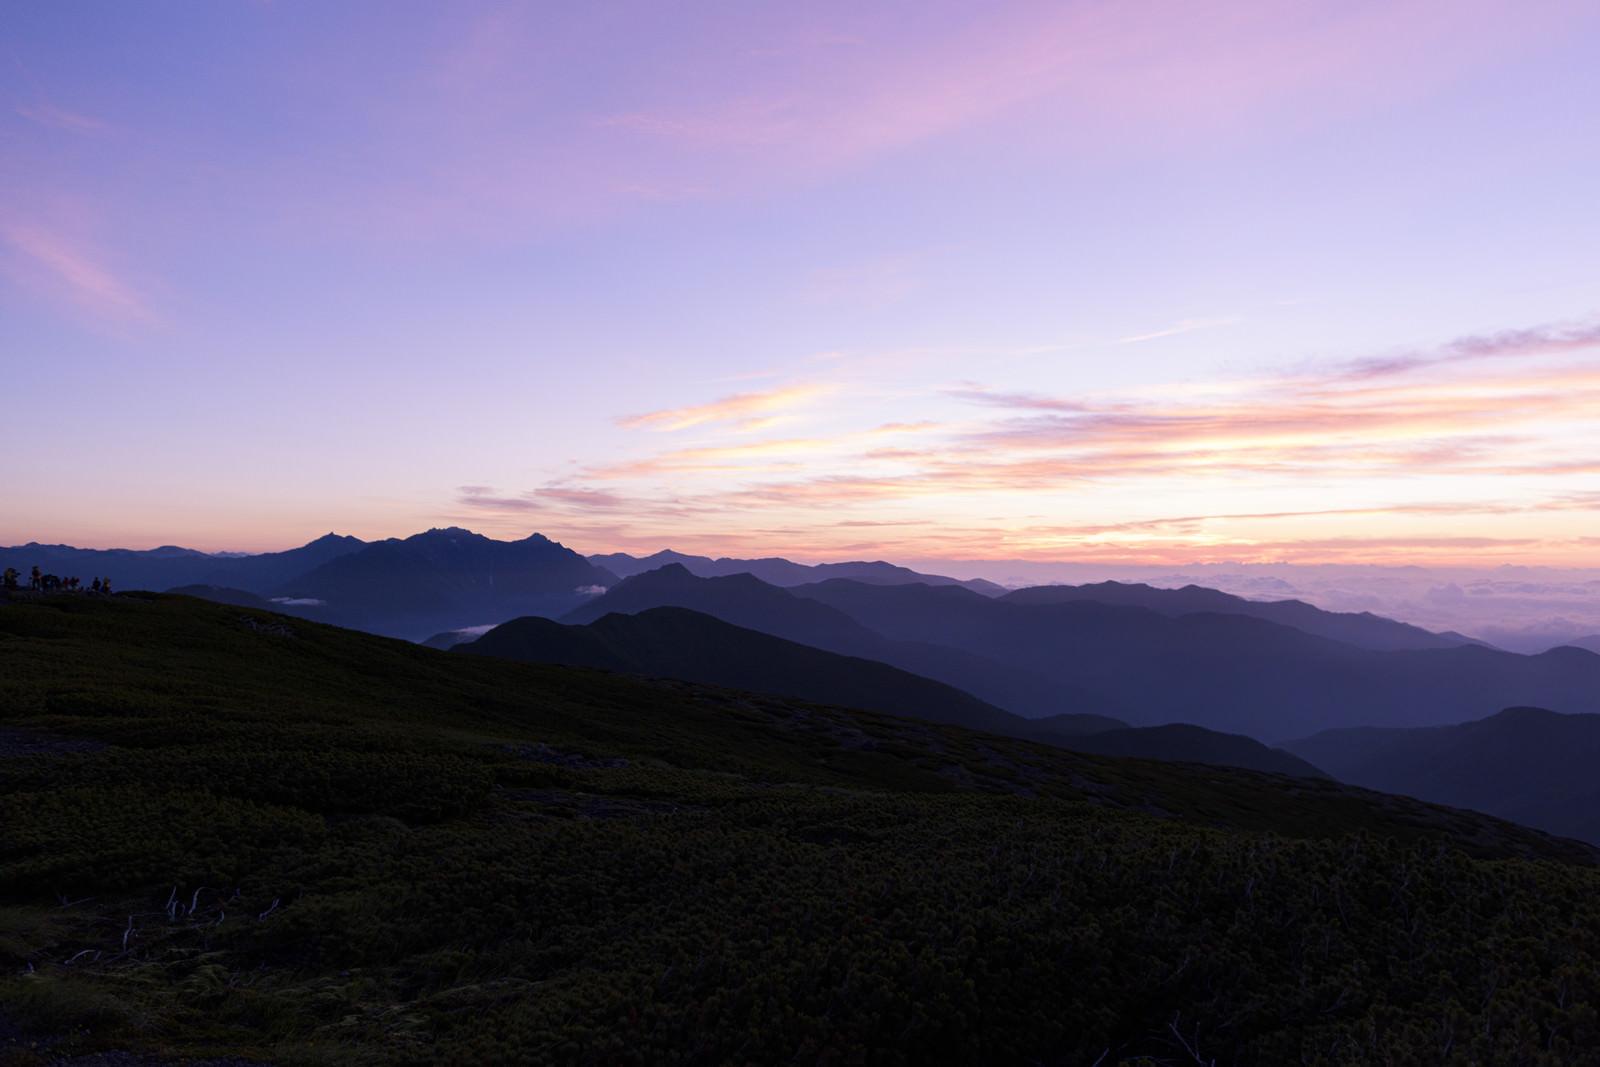 「紫色に染まる空とアルプスの景色」の写真